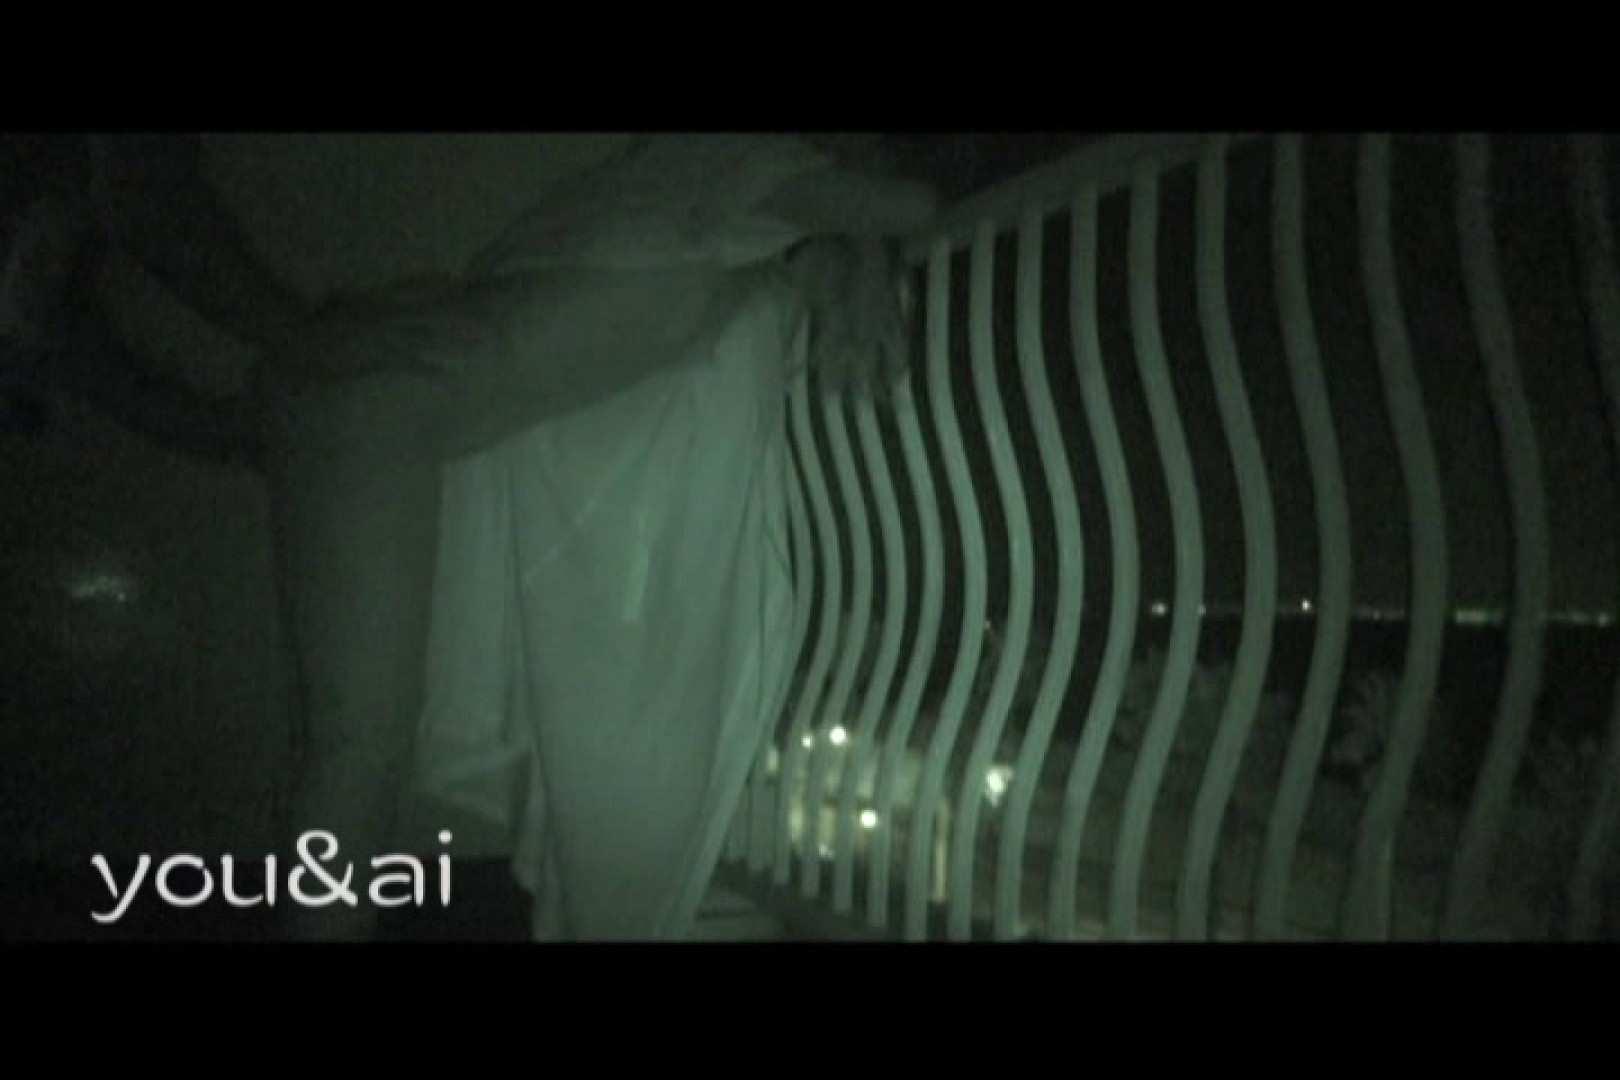 おしどり夫婦のyou&aiさん投稿作品vol.12 ホテル すけべAV動画紹介 86pic 63